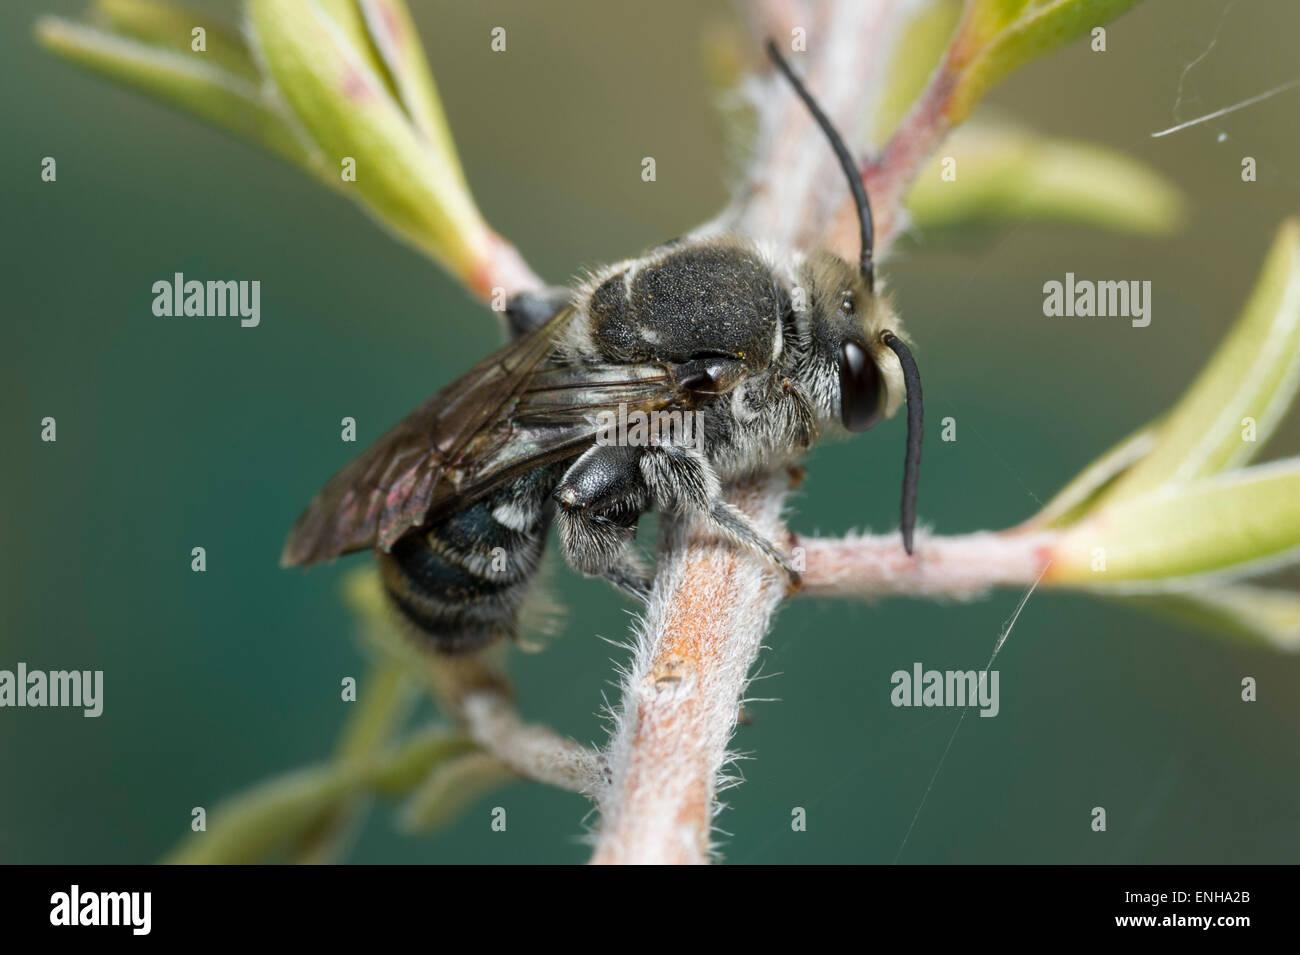 Australian native bee (Lipotriches australica) - Stock Image